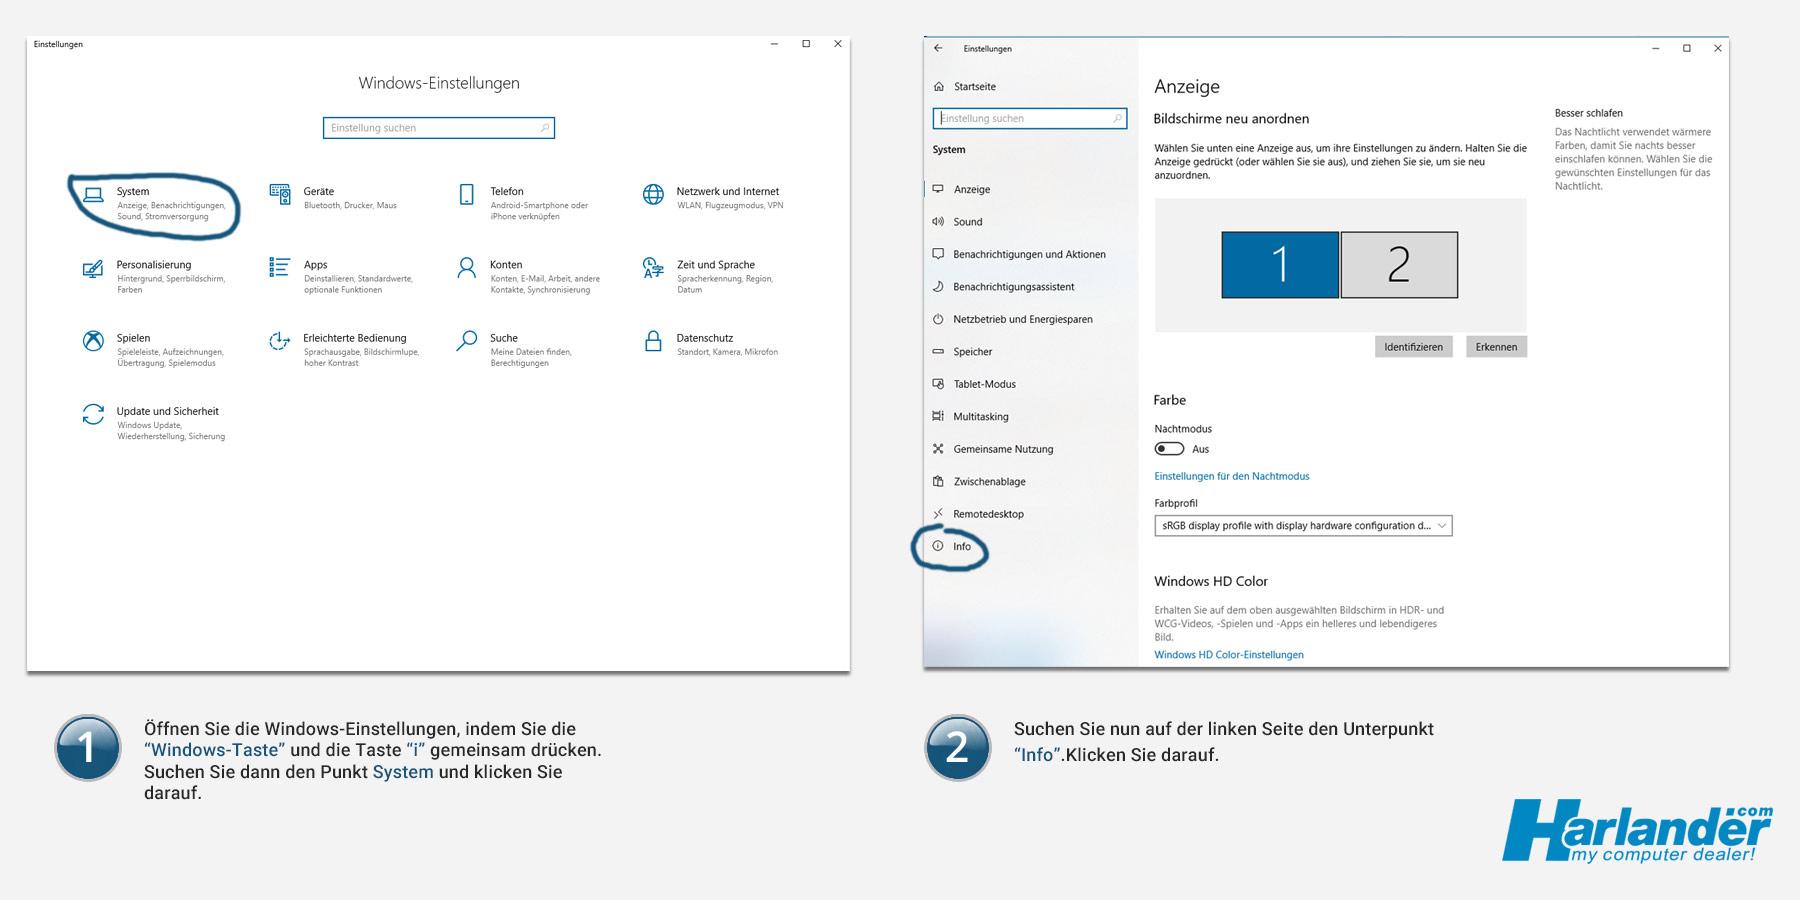 Das Supportende für Windows 10 Version 1809 steht bevor. Finden Sie heraus, welche Version Sie haben